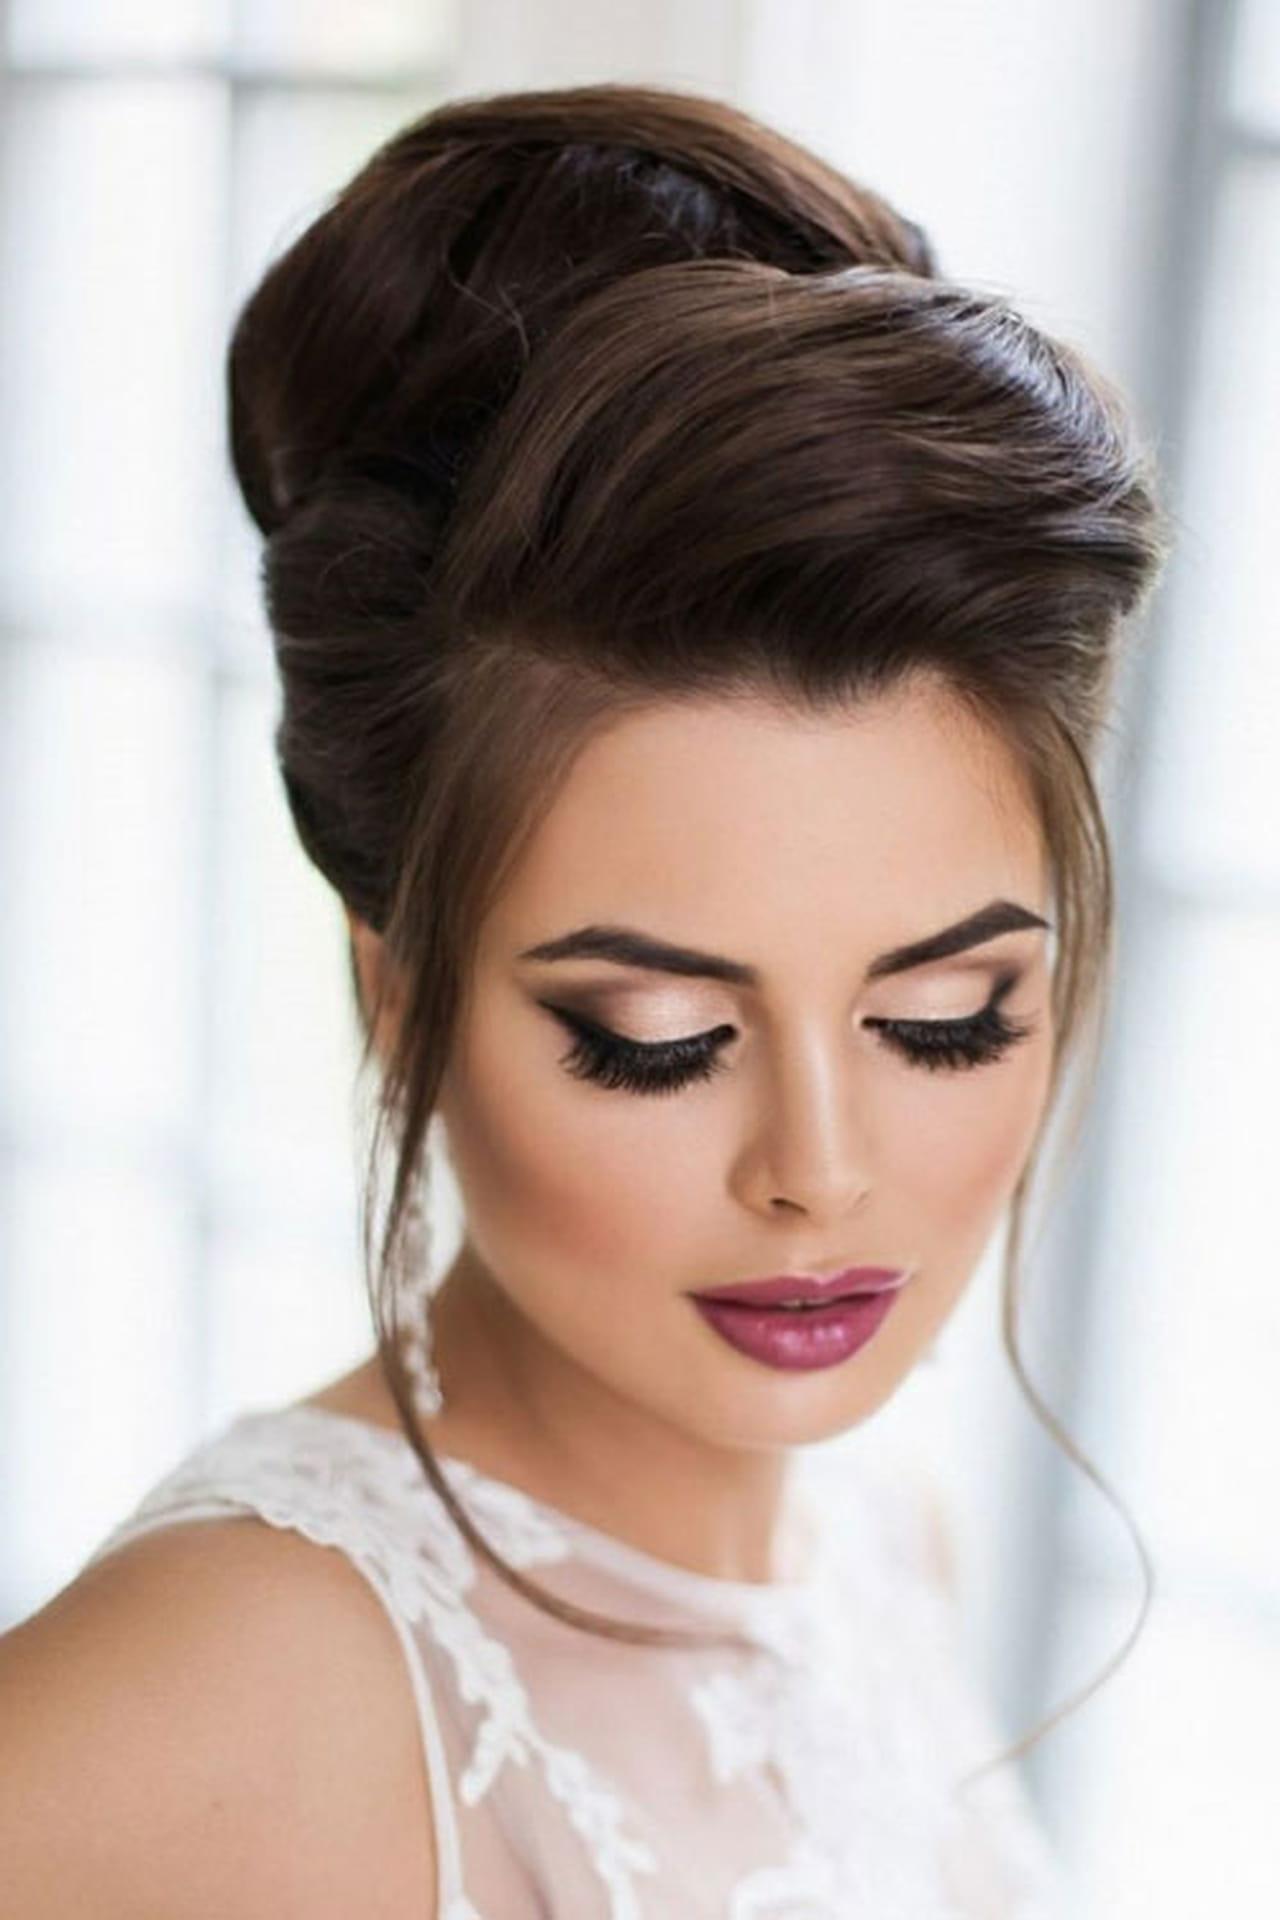 макияж прически видео